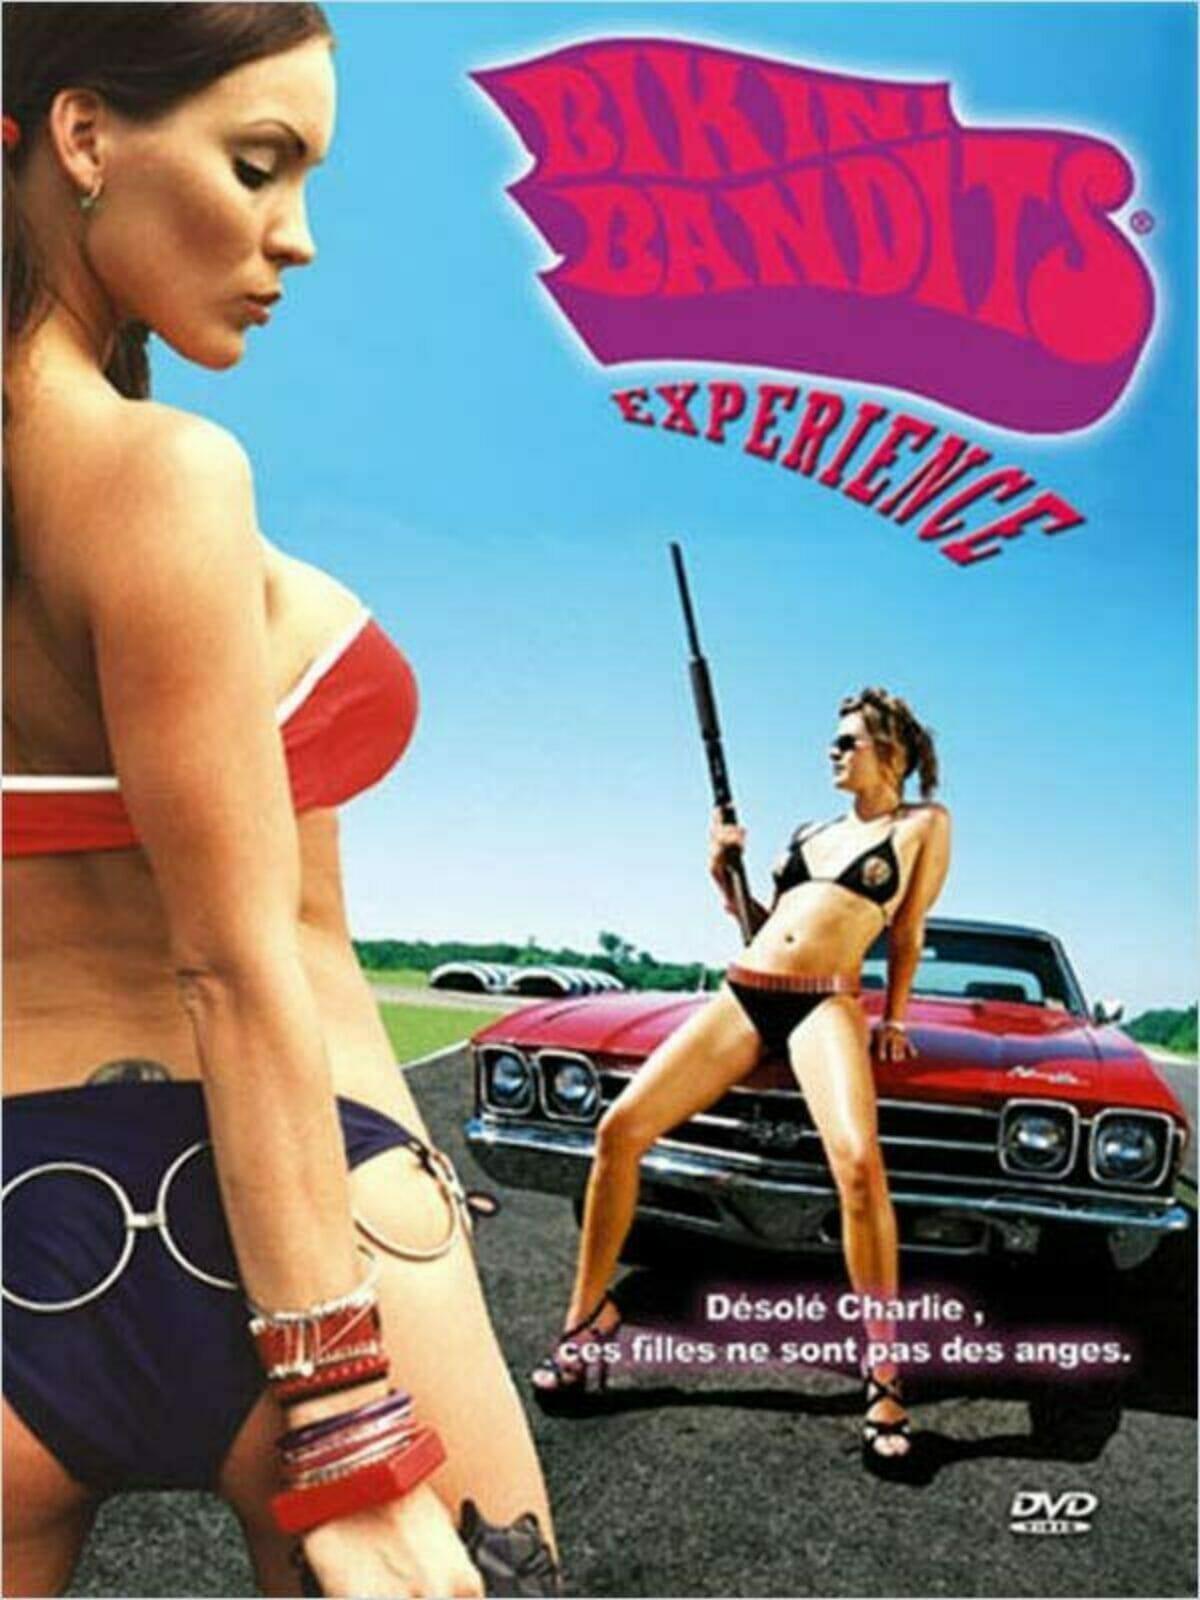 Bikini_Bandits